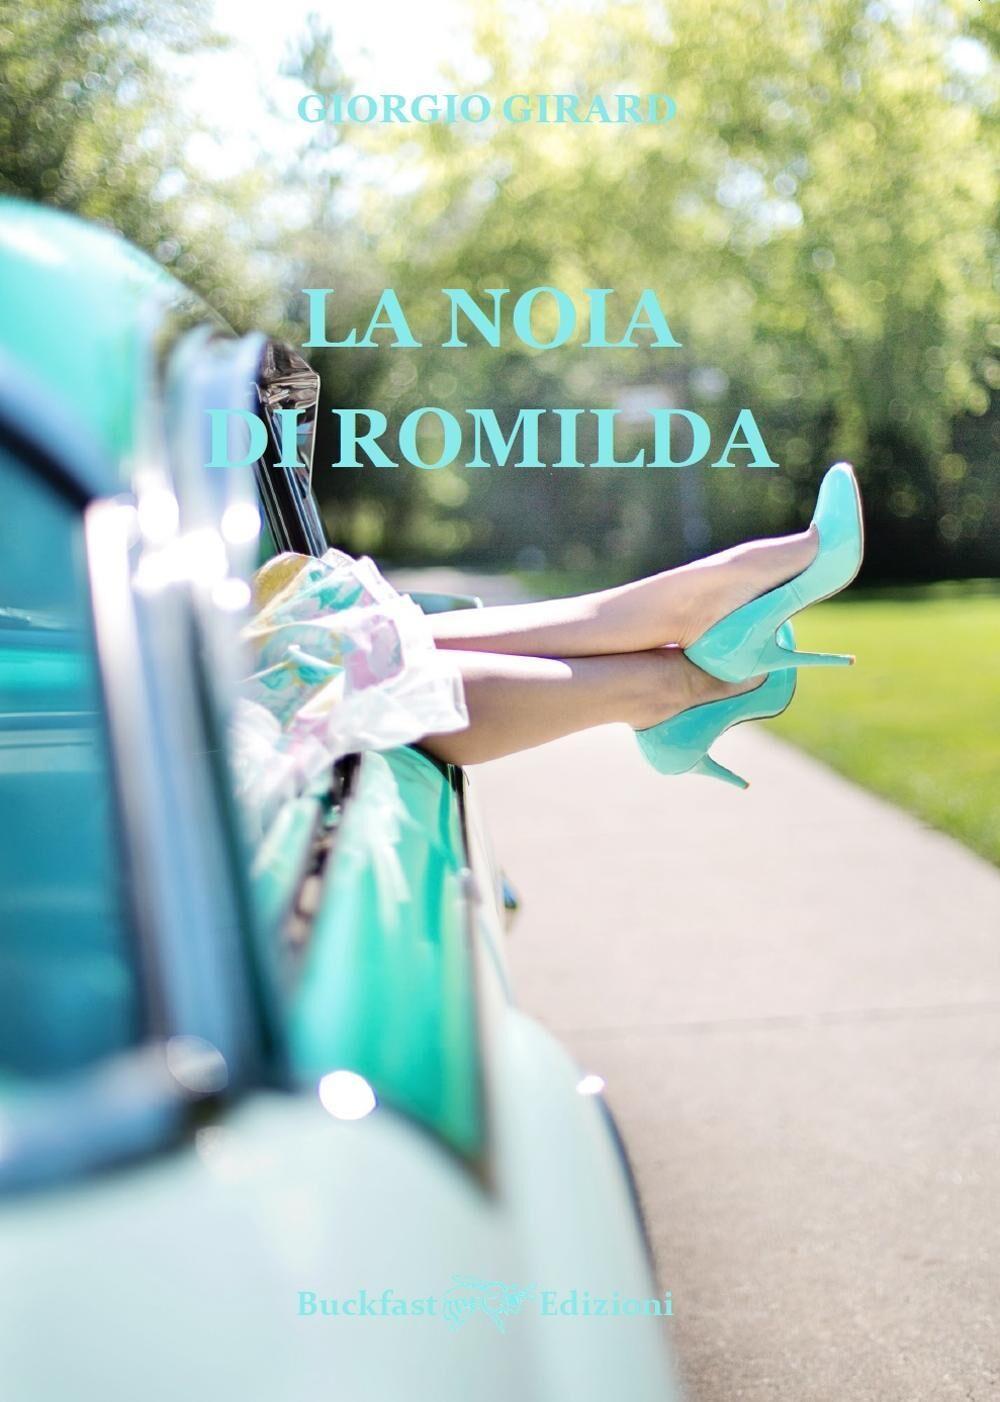 La noia di Romilda